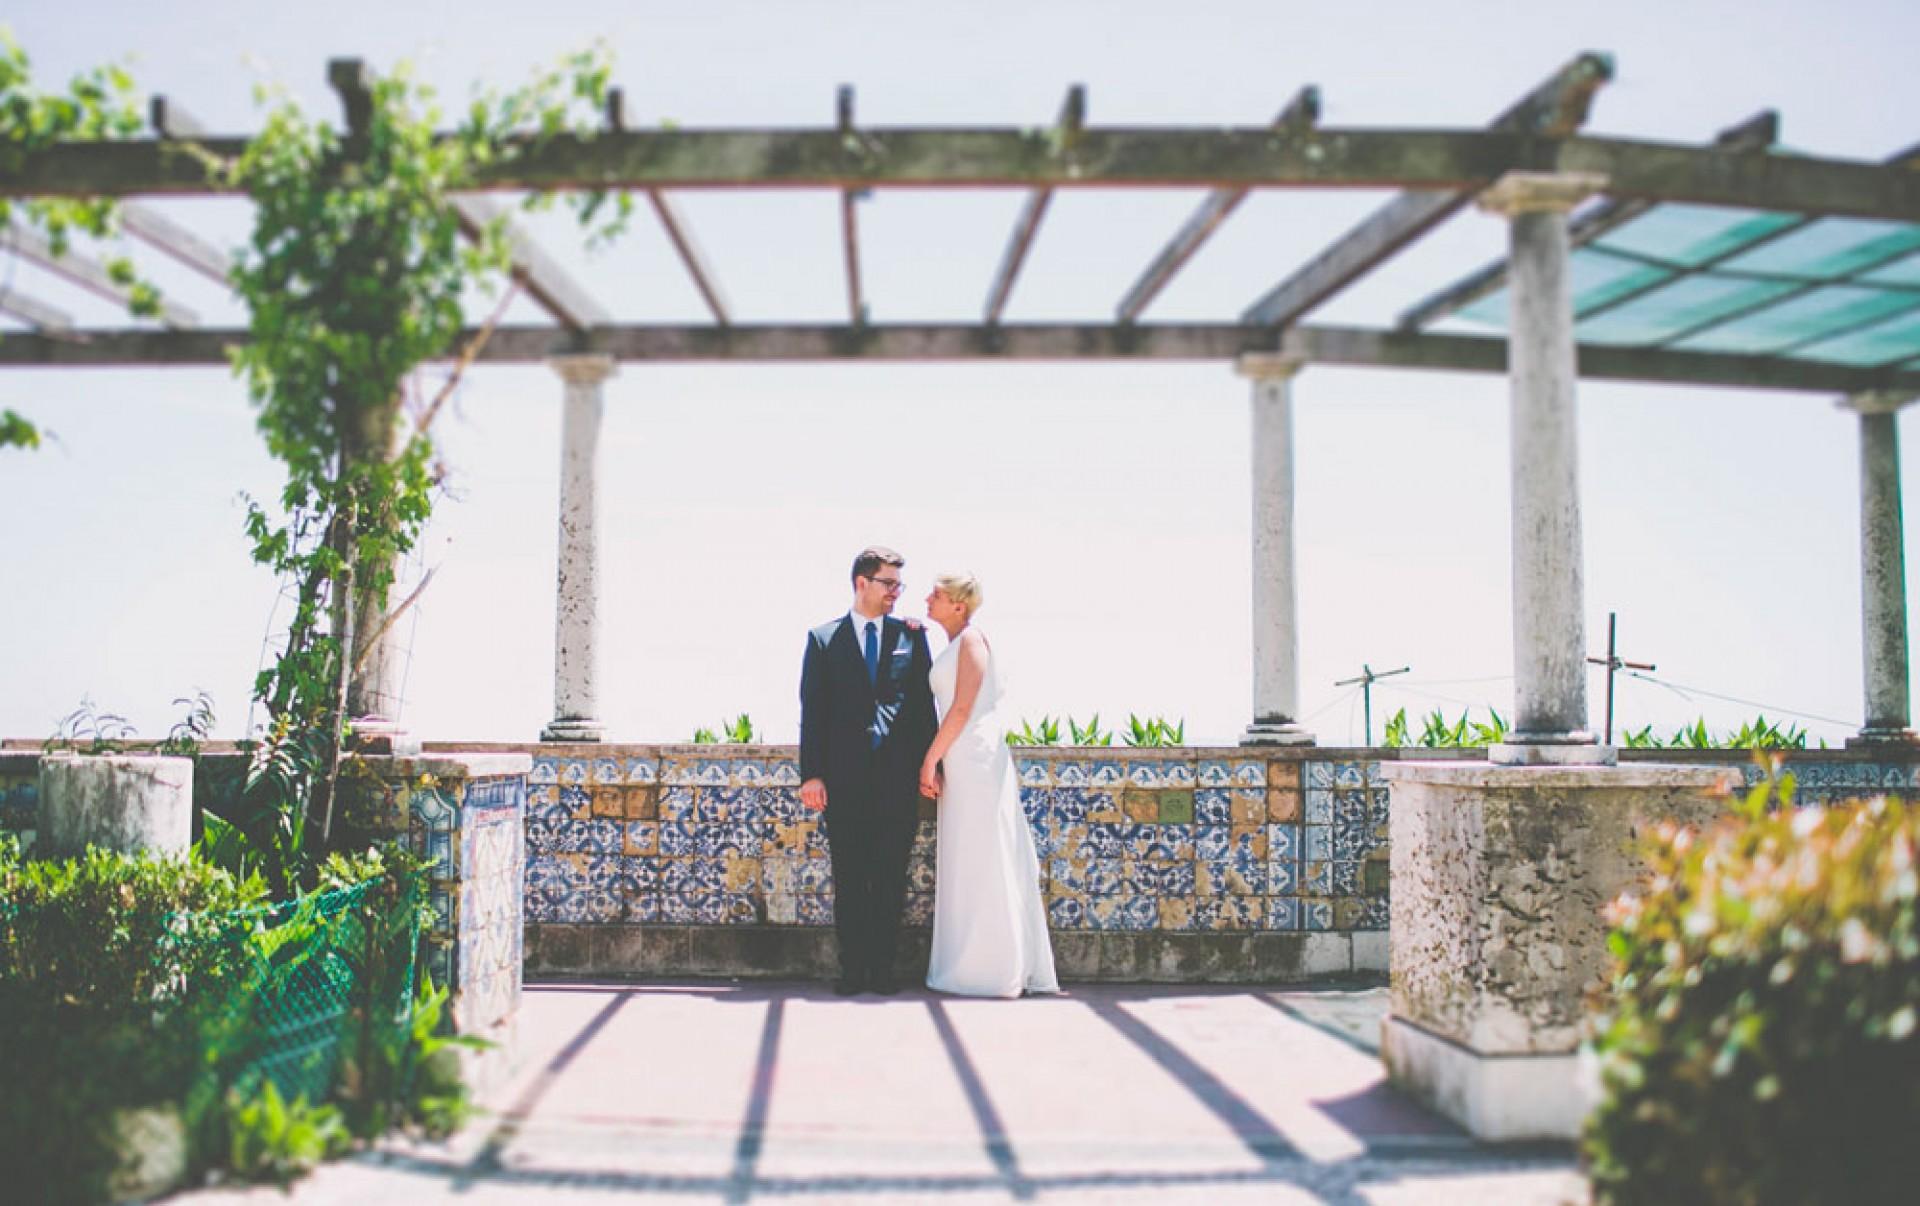 Alianças de Casamento, conheça as 3 dicas de compra!